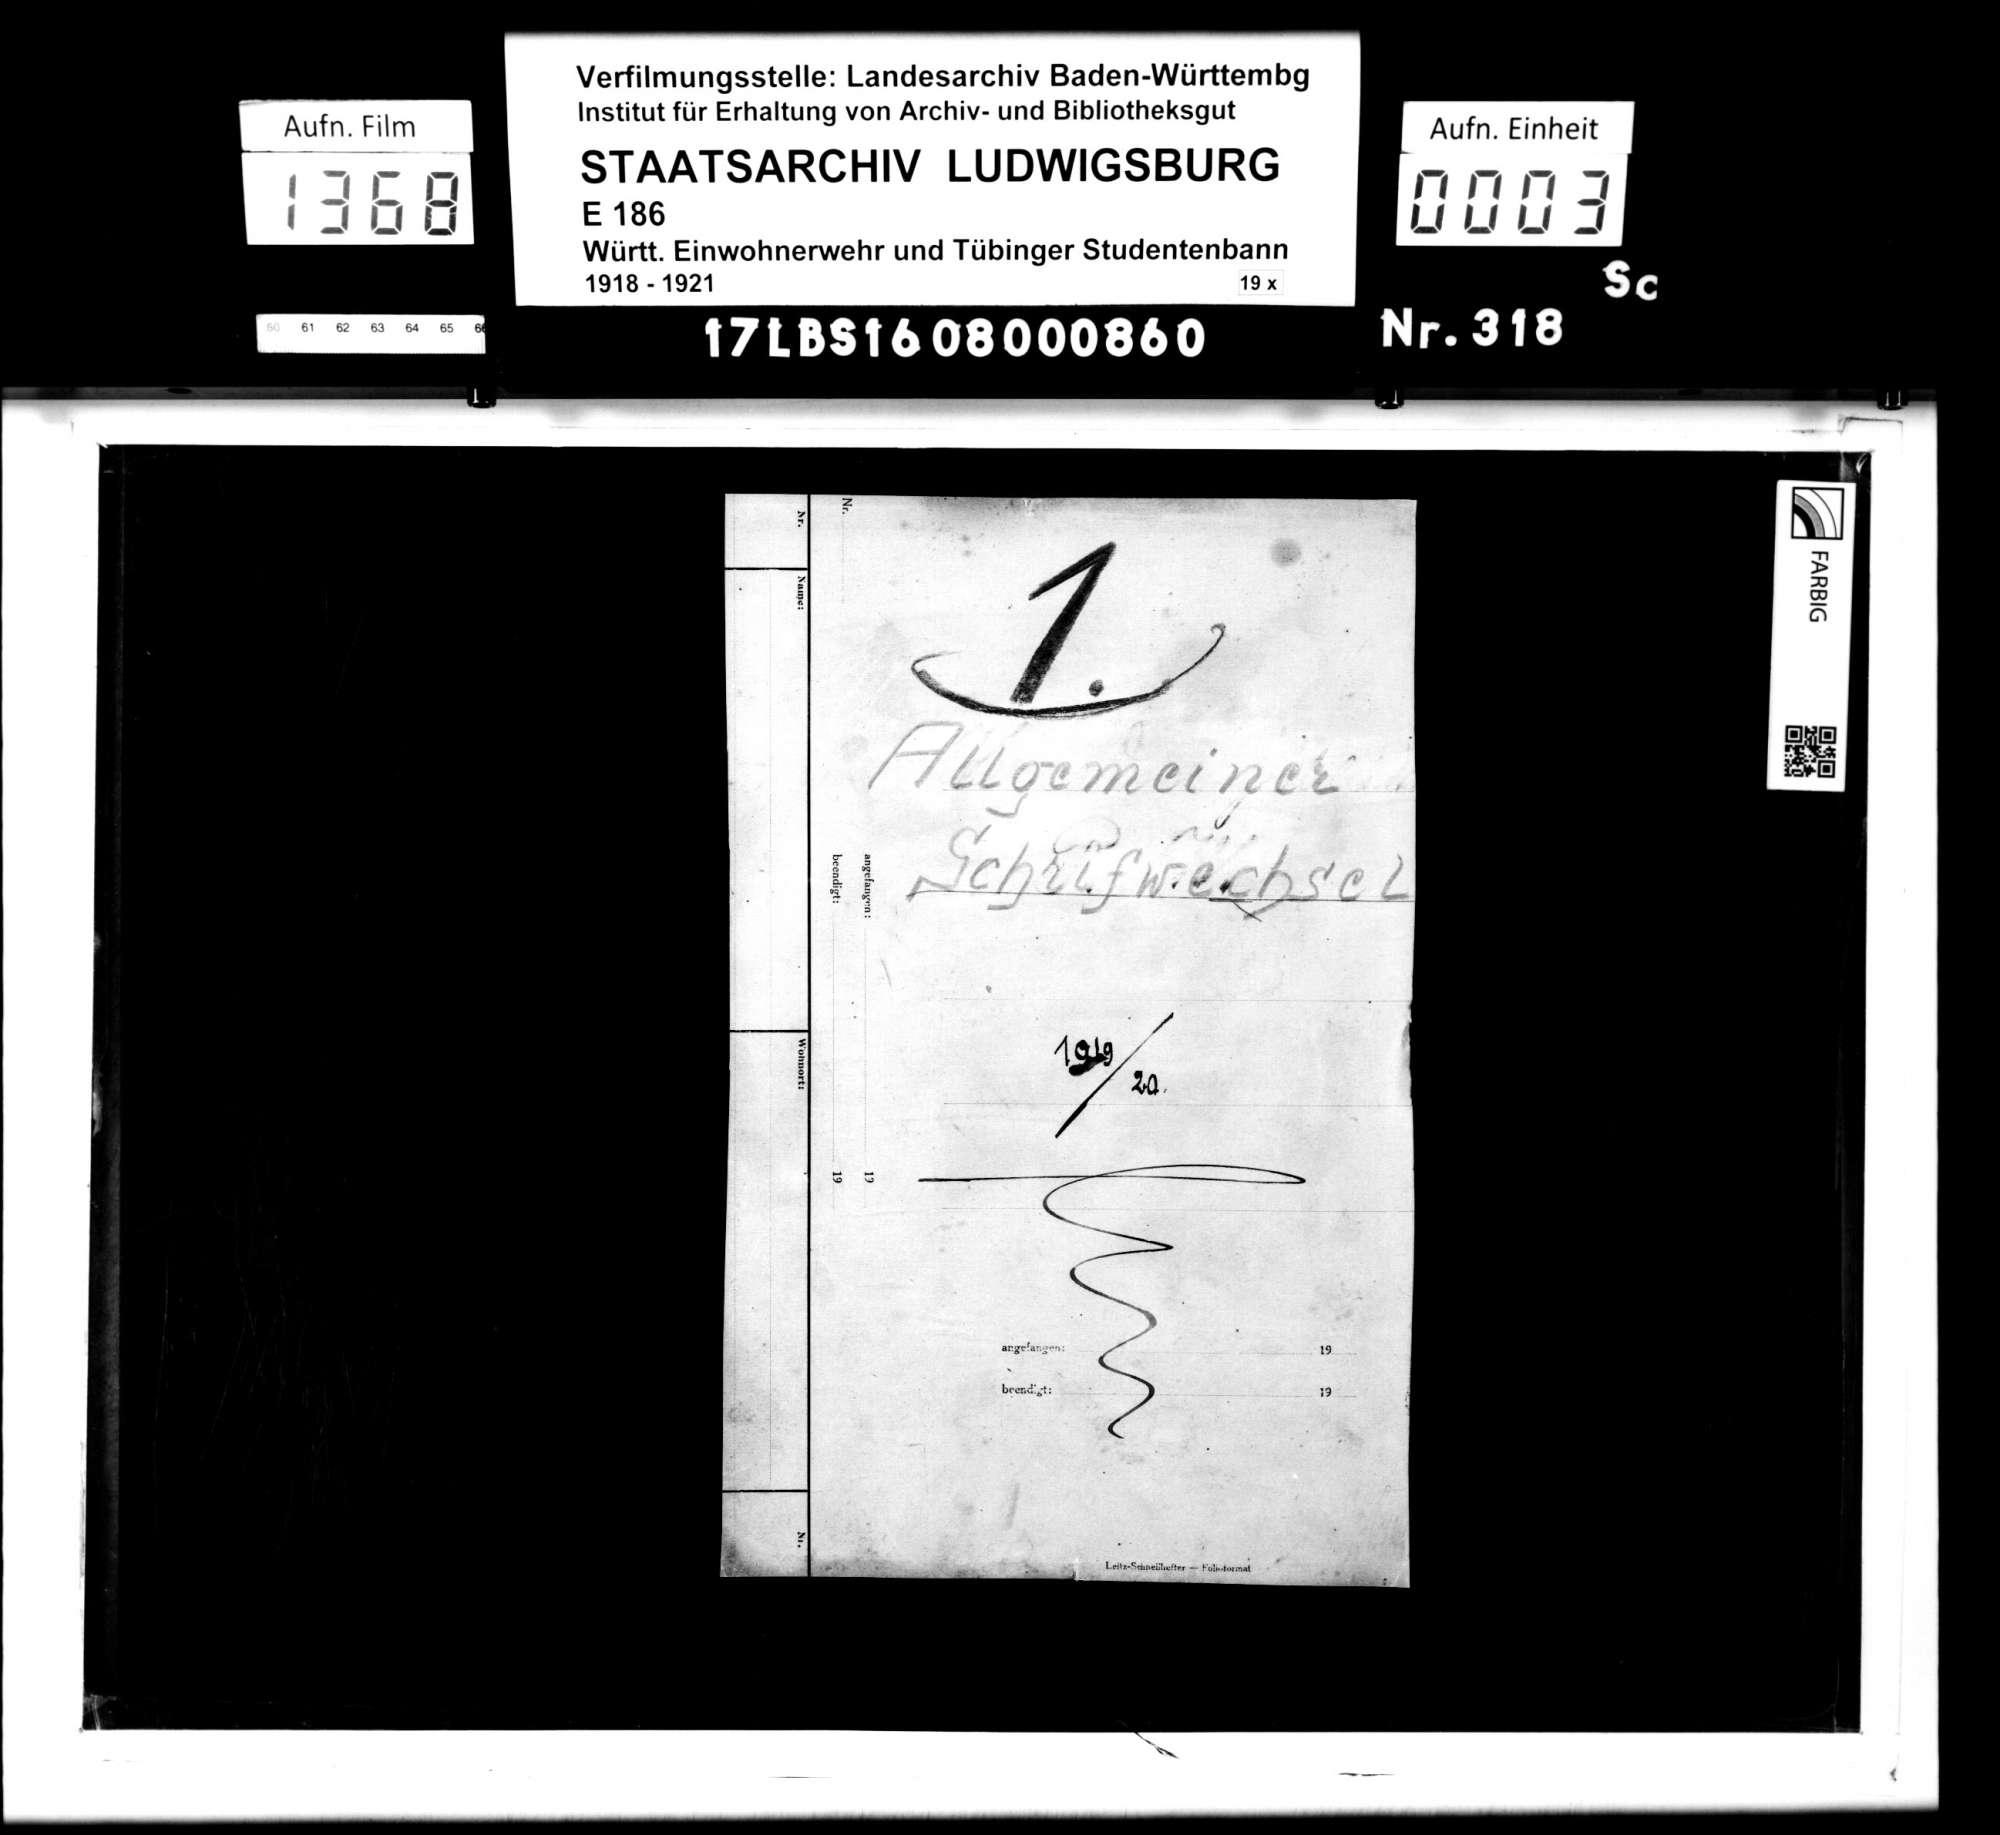 Allgemeiner Schriftverkehr, Bild 1